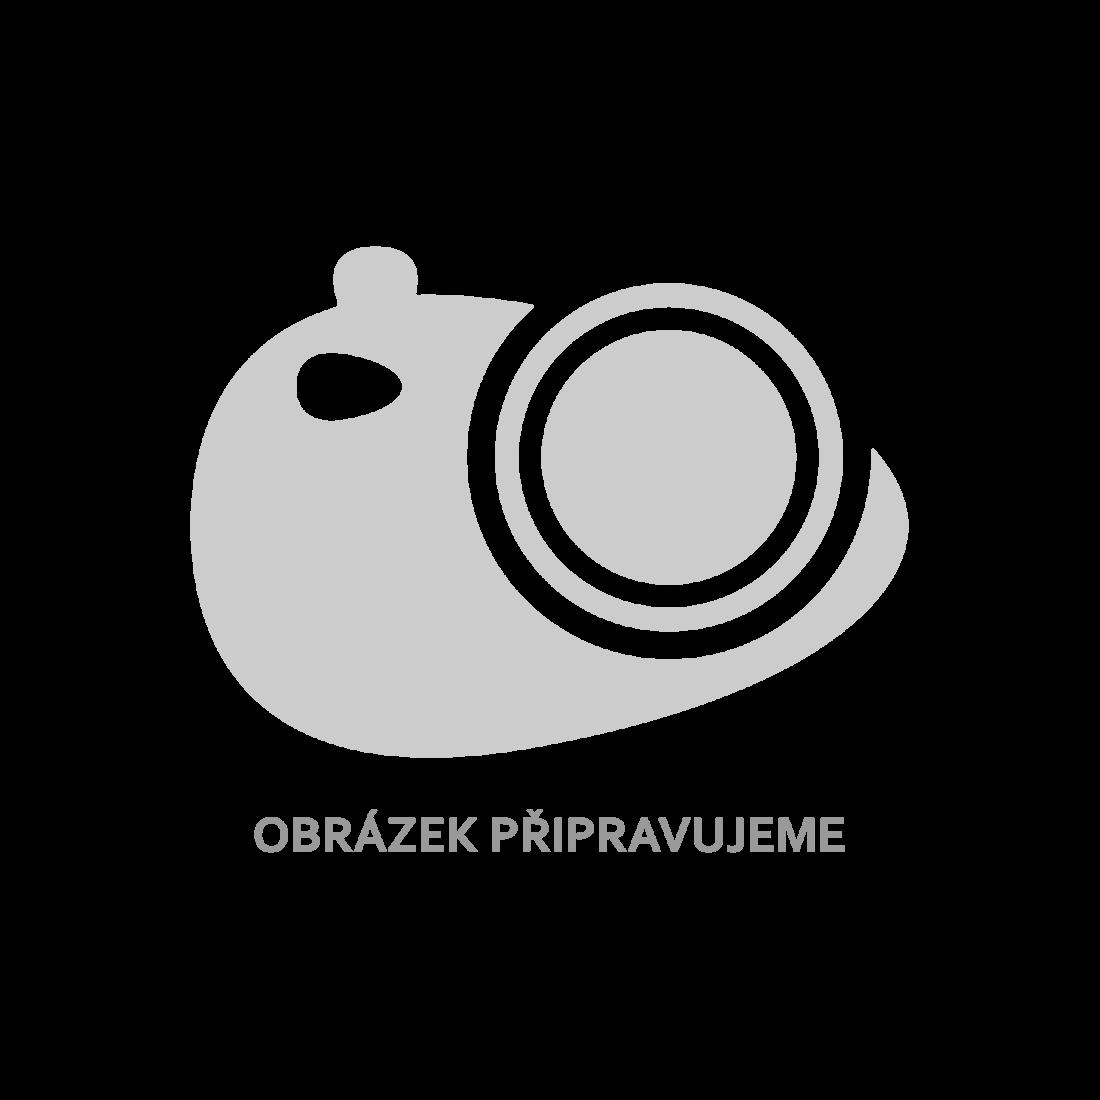 vidaXL Zahradní stůl 170 x 73 x 70 cm impregnované borové dřevo [49032]